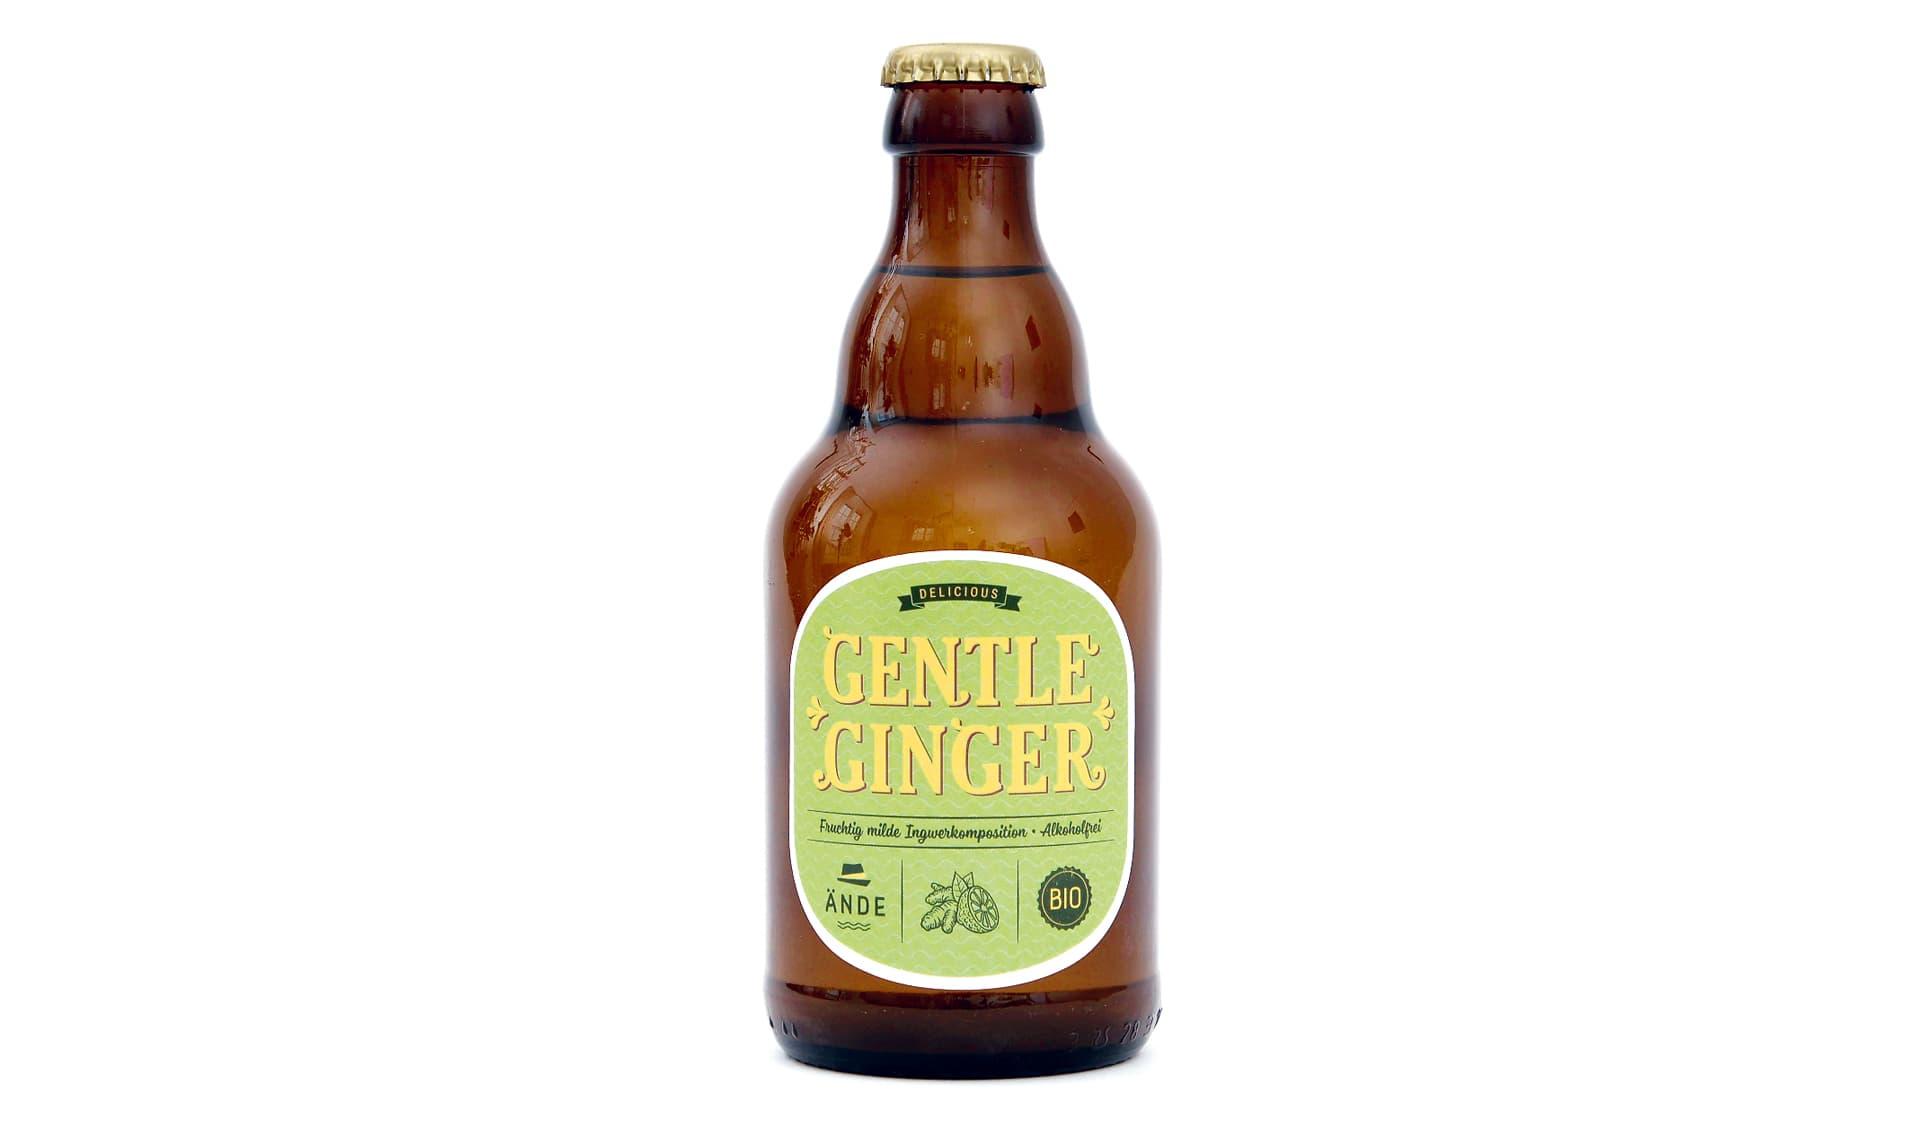 Ände Gentle Ginger (www.aende.eu)